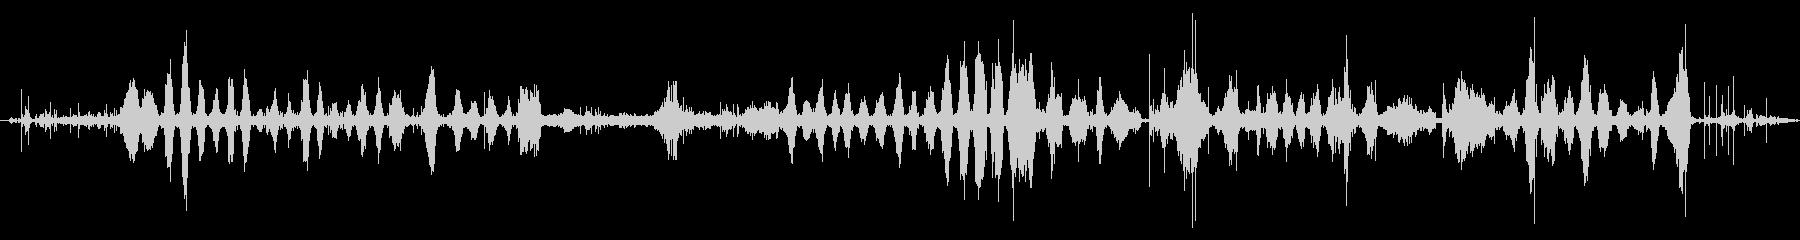 コンスタントランダウンヒル、ロング...の未再生の波形